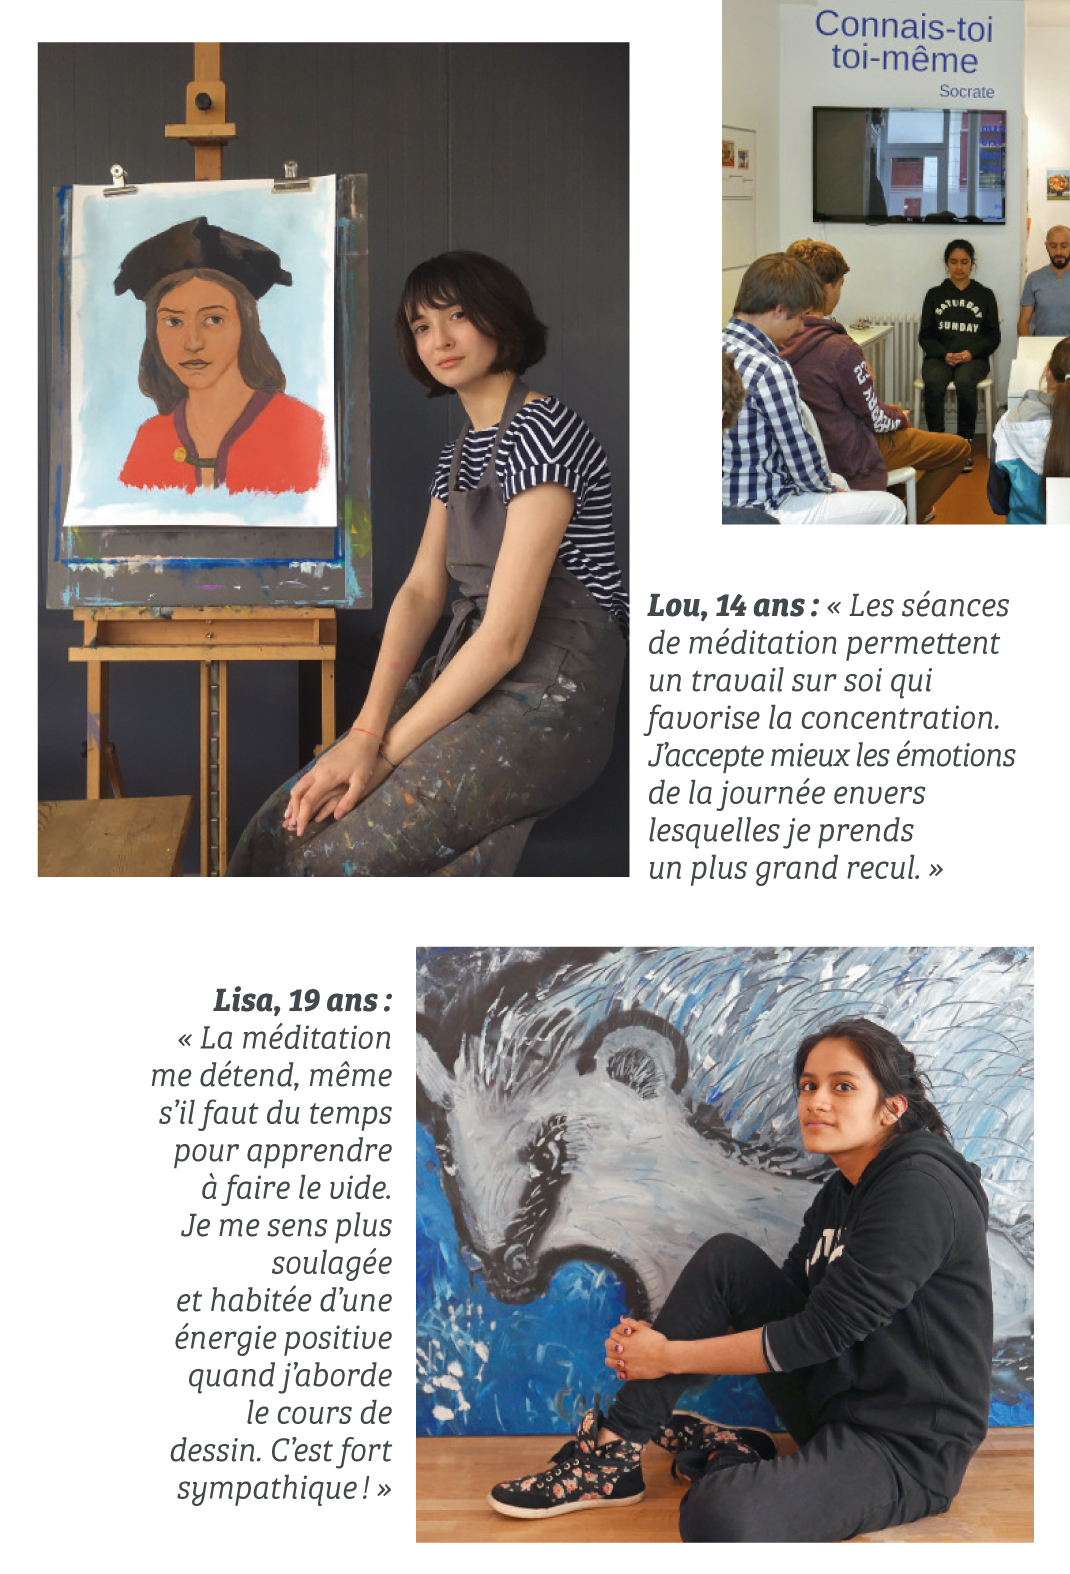 stage-meditation-paris-dessin-peinture-cours-fontenay-sous-bois.jpg